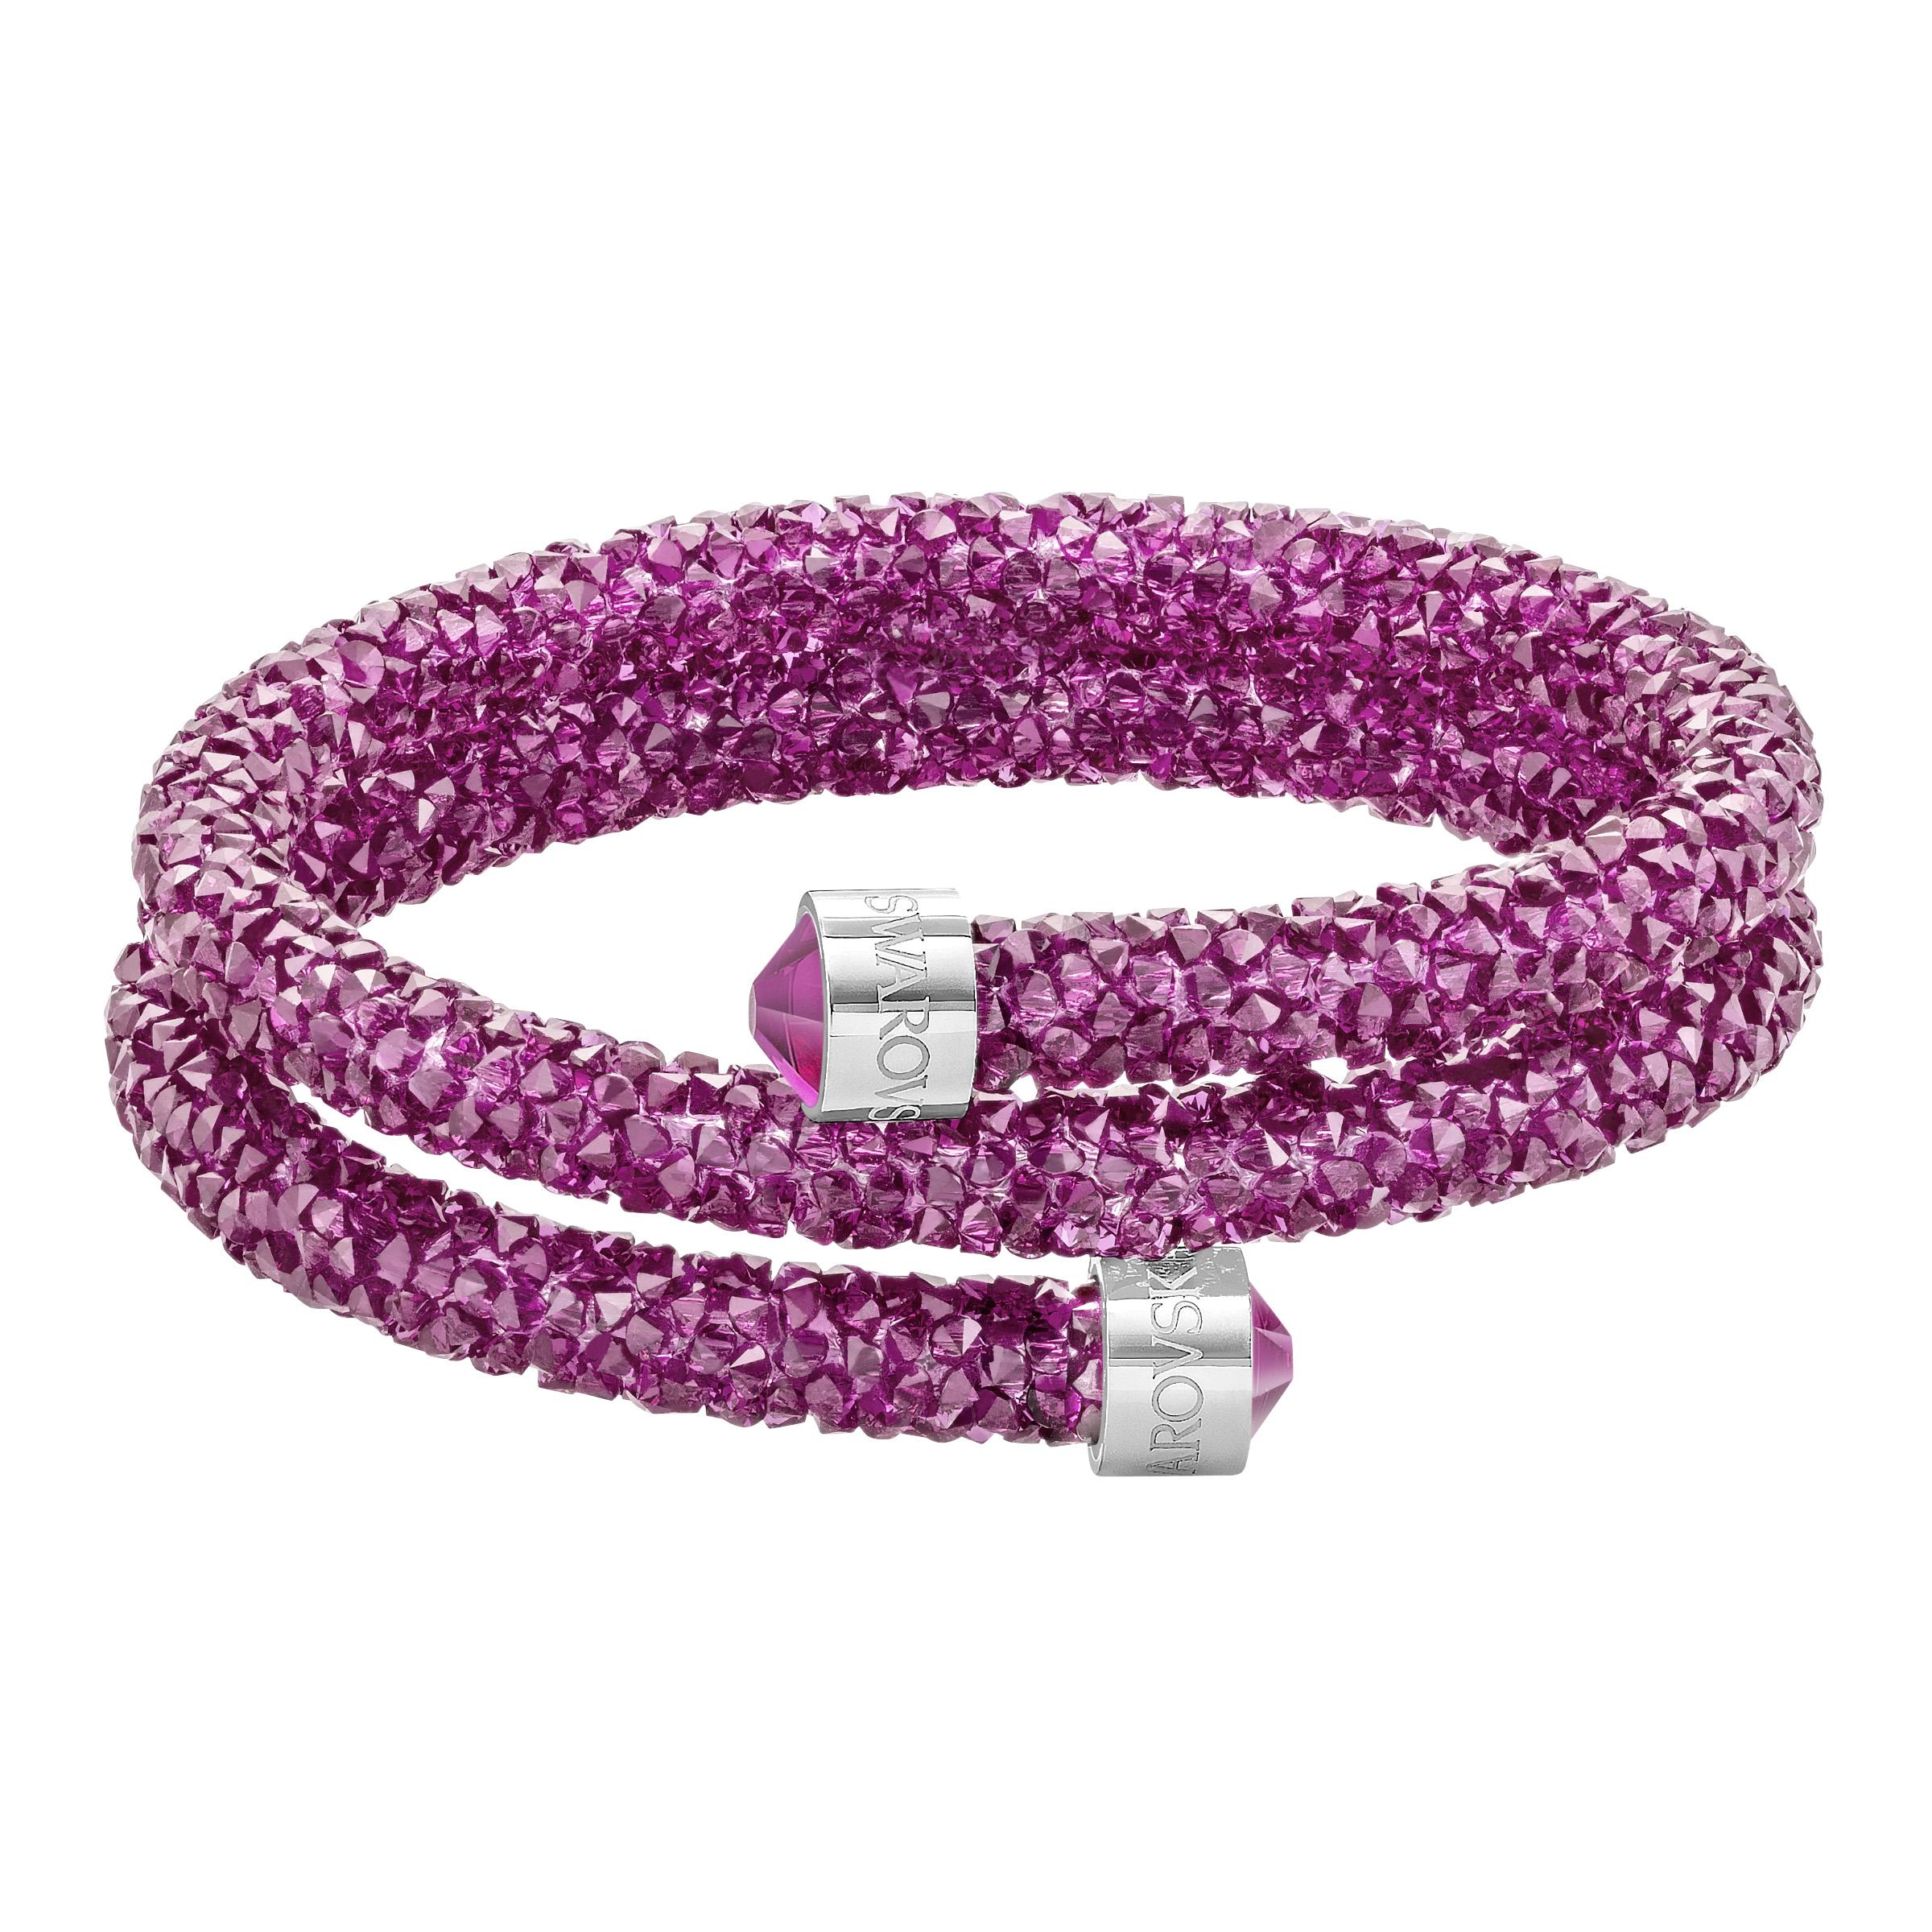 Swarovski Crystaldust İkili Halka Fuşya Paslanmaz Çelik Bileklik 5000145095001 Ürün Resmi